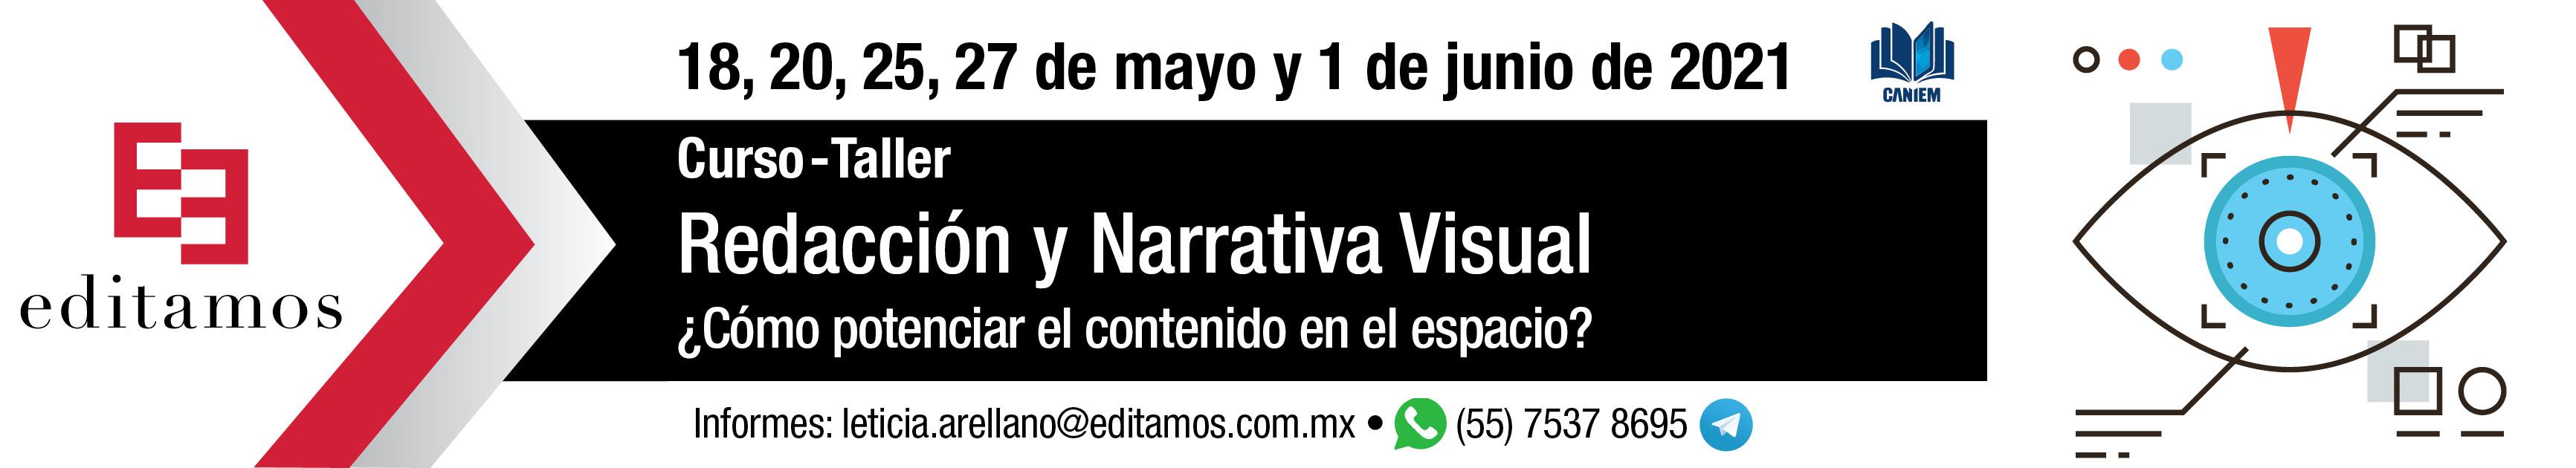 Redacción y Narrativa Visual_Carrusel